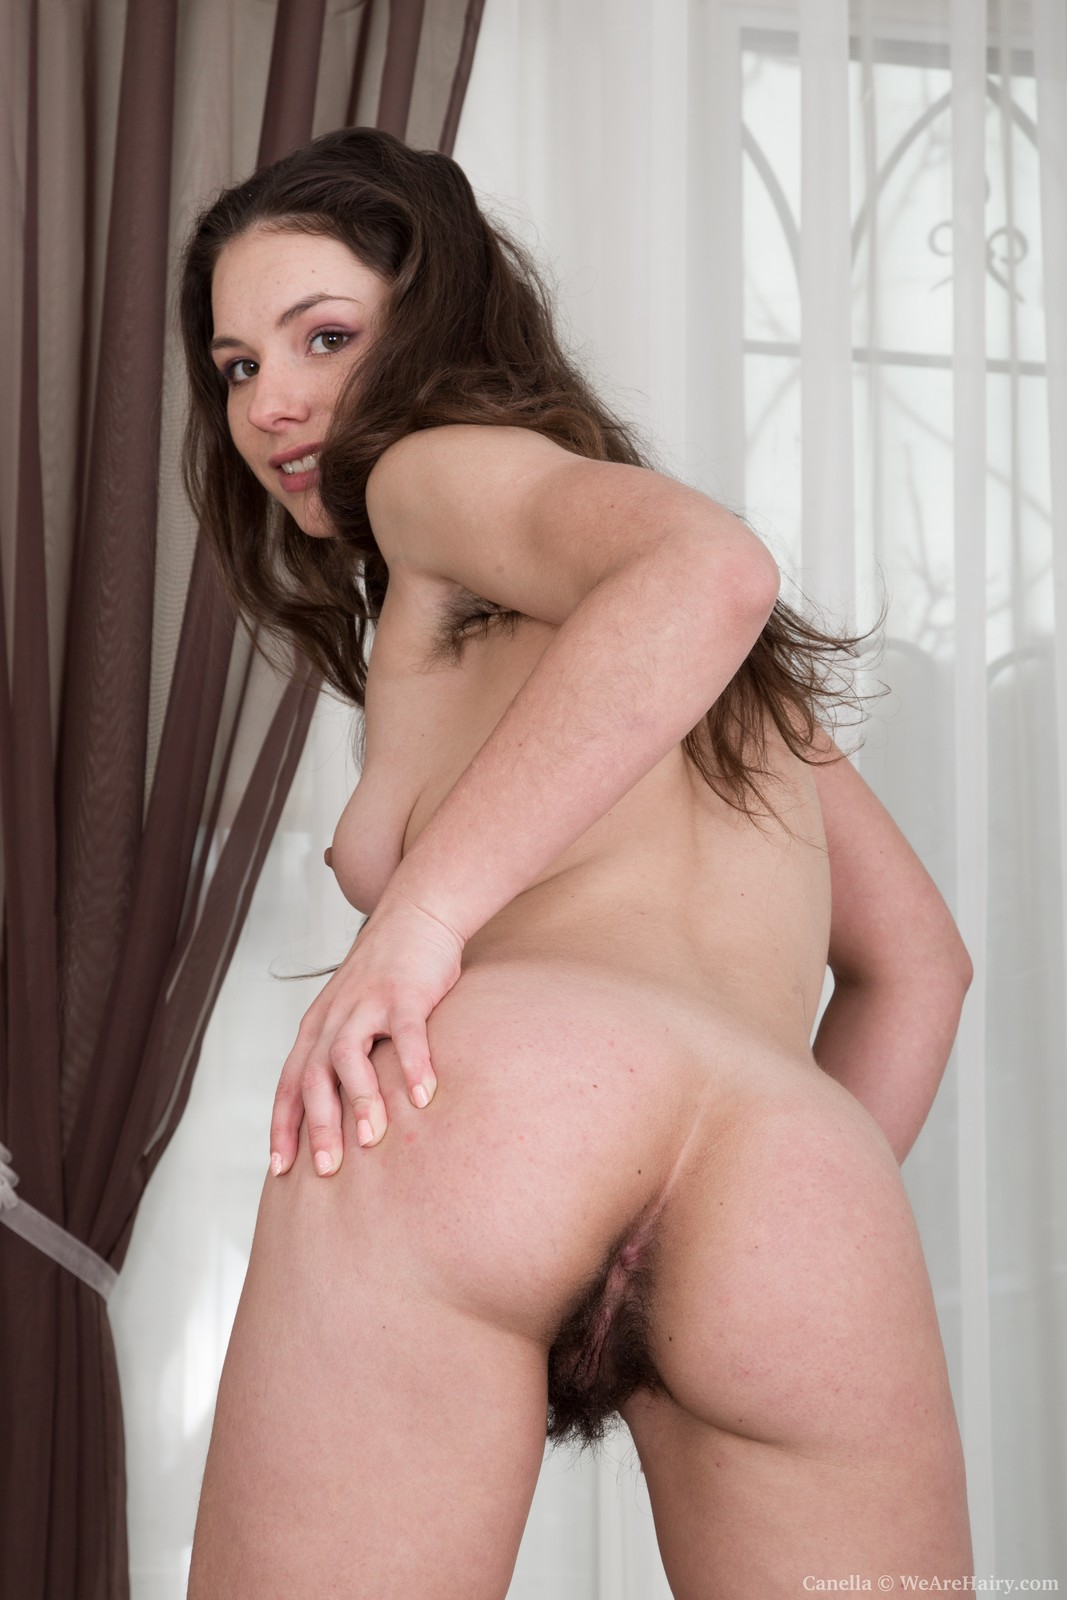 hairy pussy blog oulu striptease